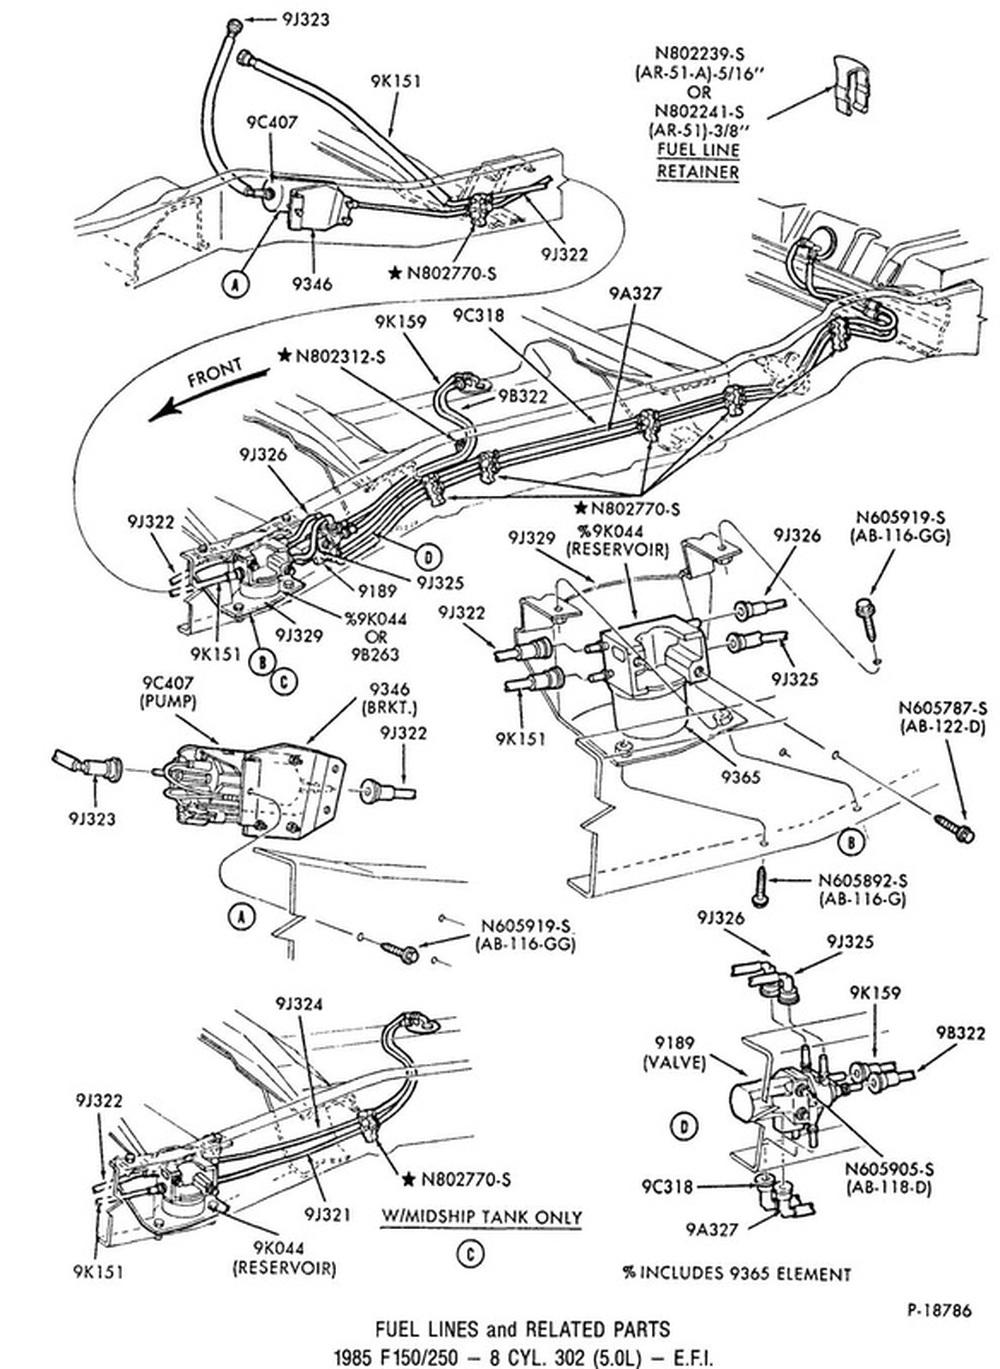 [DIAGRAM] 1995 F150 302 Fuel System Diagram FULL Version